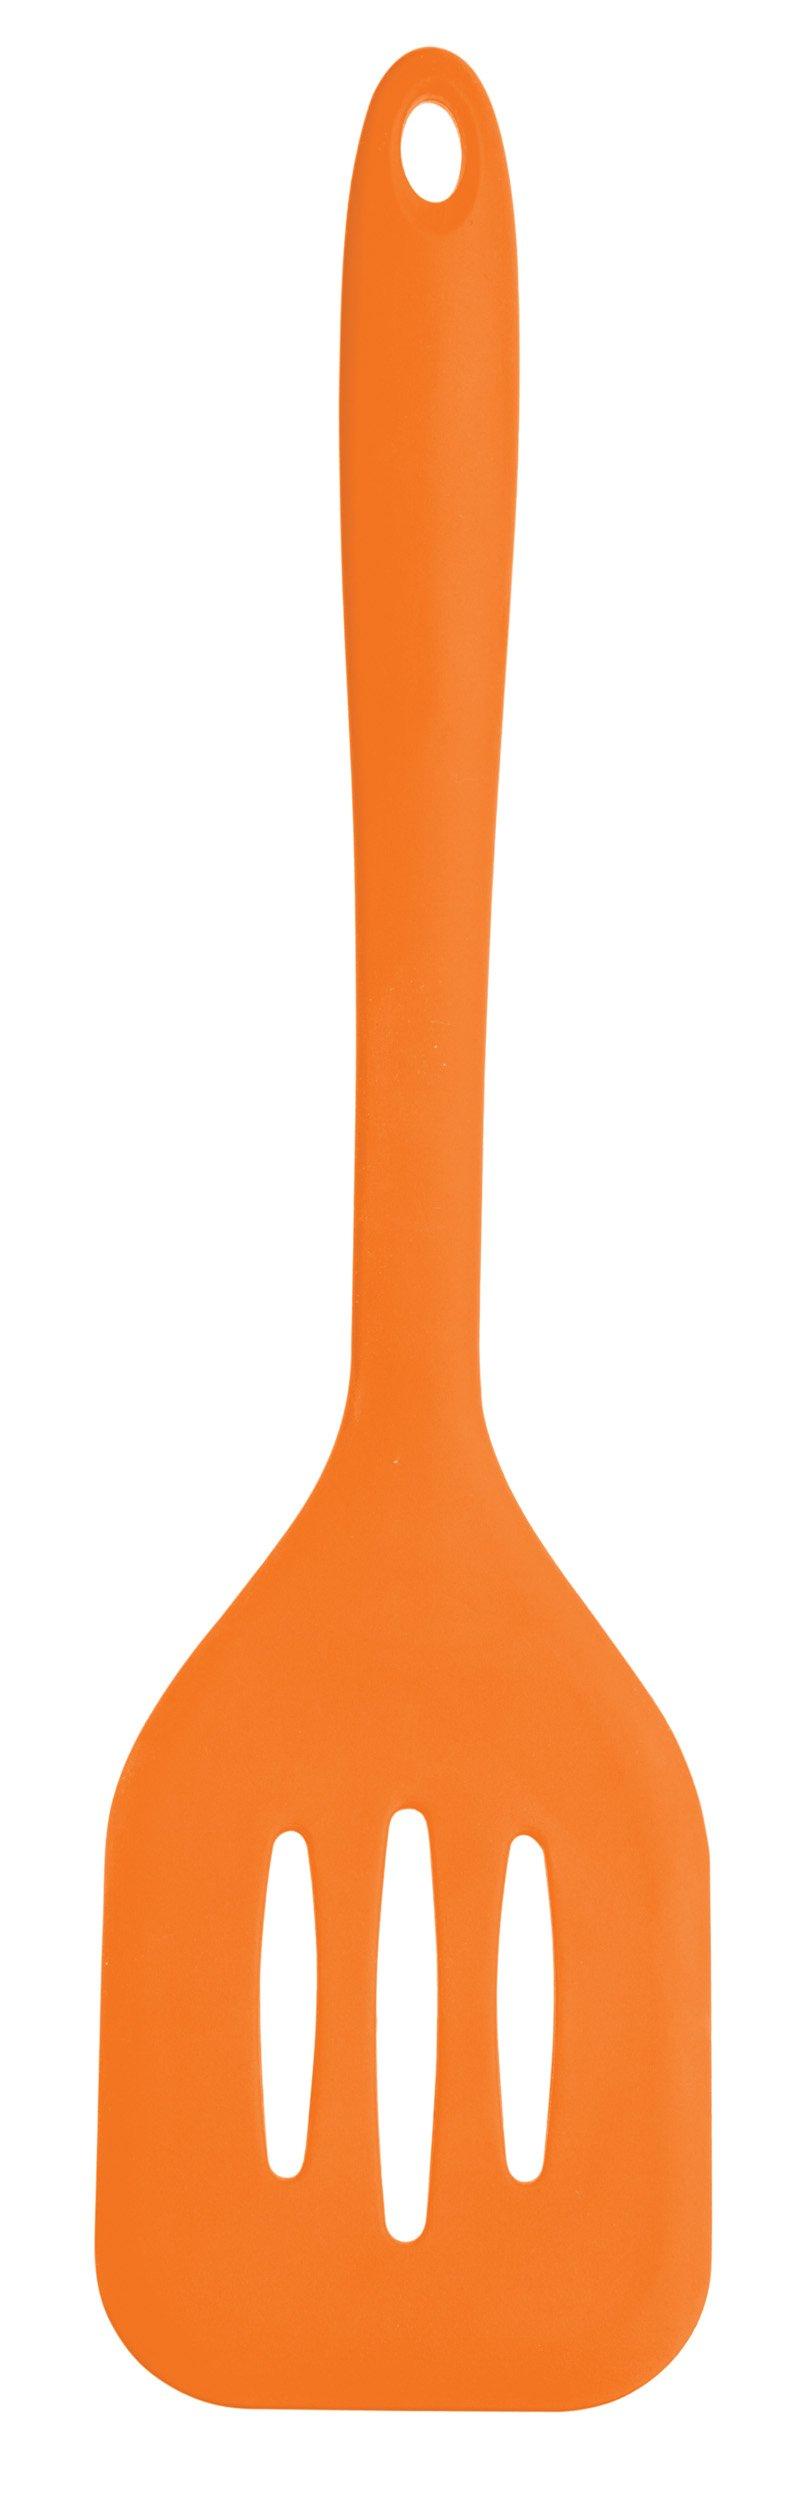 Kitchen Craft Colourworks Silicone Food Turner, 32cm - Orange By Kitchencraft